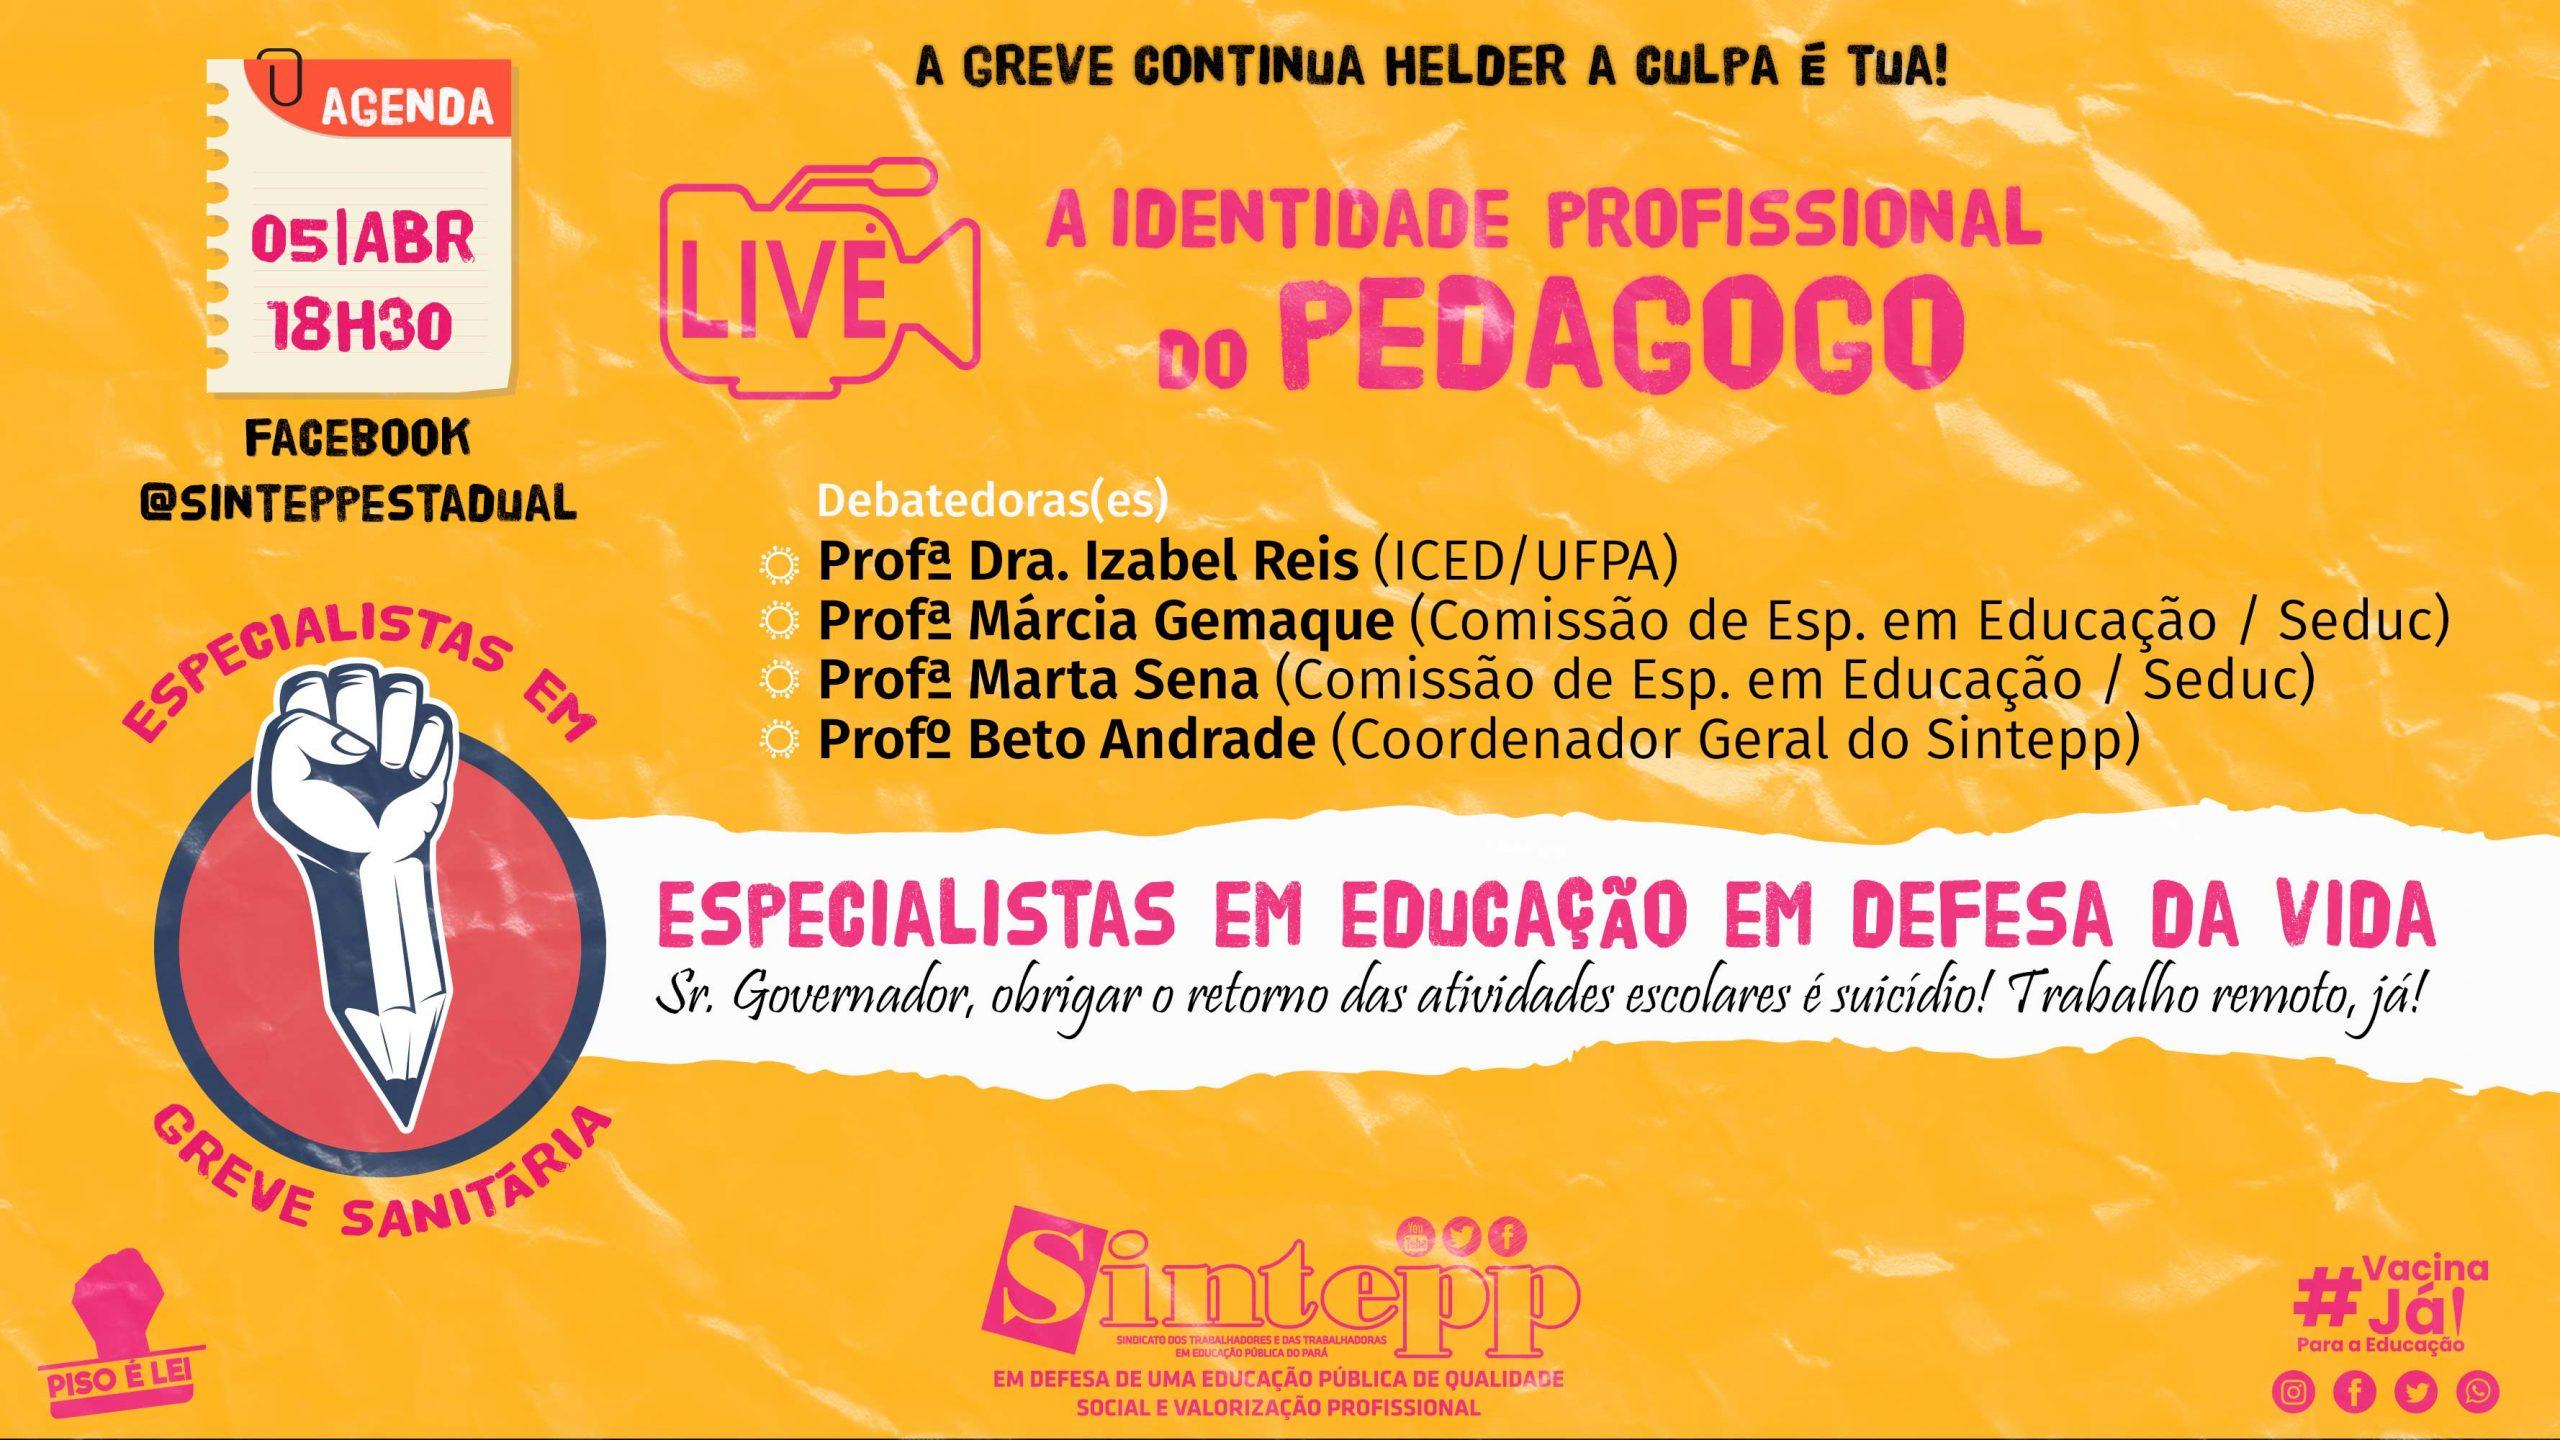 05|ABR – Live dos/as Especialistas em Educação, 18h30 pelo facebook